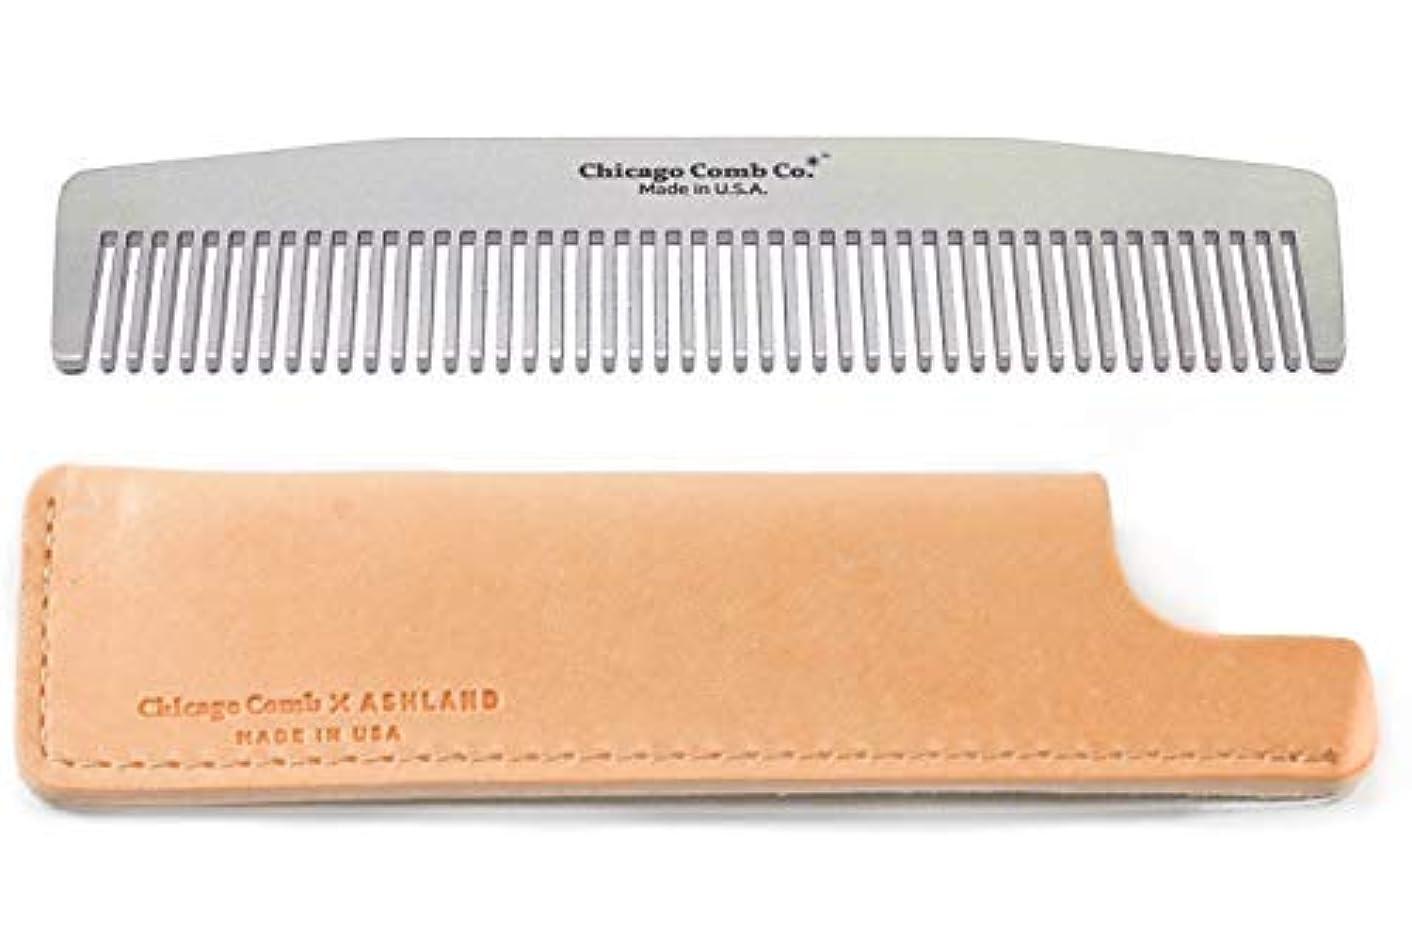 習熟度酸度最終Chicago Comb No. 3 Stainless Steel + Horween Natural Leather Sheath, Made in USA, Ultra-Smooth, Durable, Anti-Static, 5.5 in. (14 cm), Medium-Fine Tines, Ultimate Daily Use Comb, Pocket Comb, Gift Set [並行輸入品]